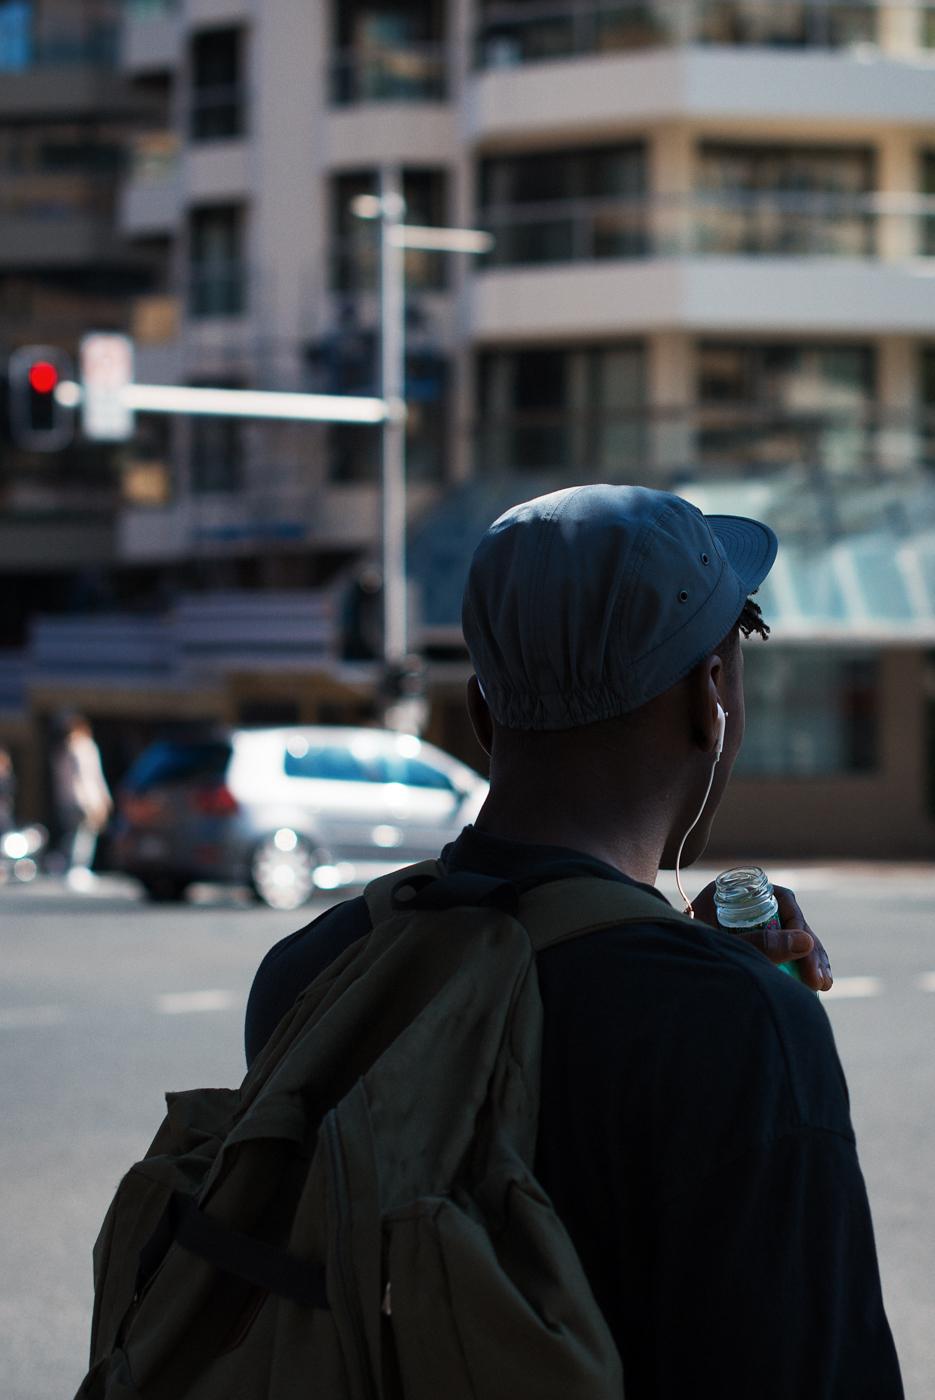 Blue cap. Similar look: ASOS 5 Panel Cap.